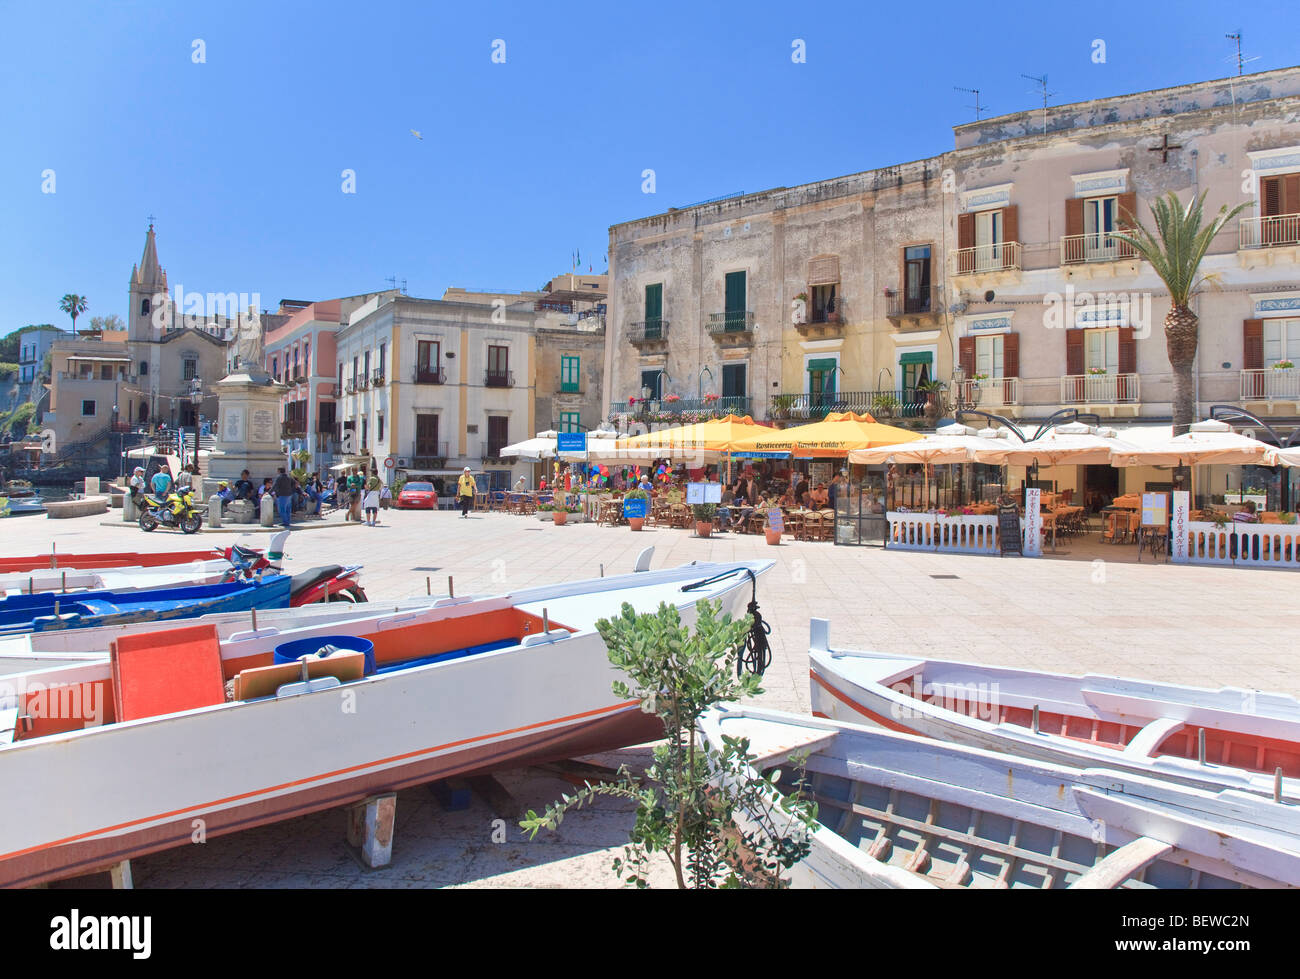 Piazza del porto di Lipari, Italia Immagini Stock